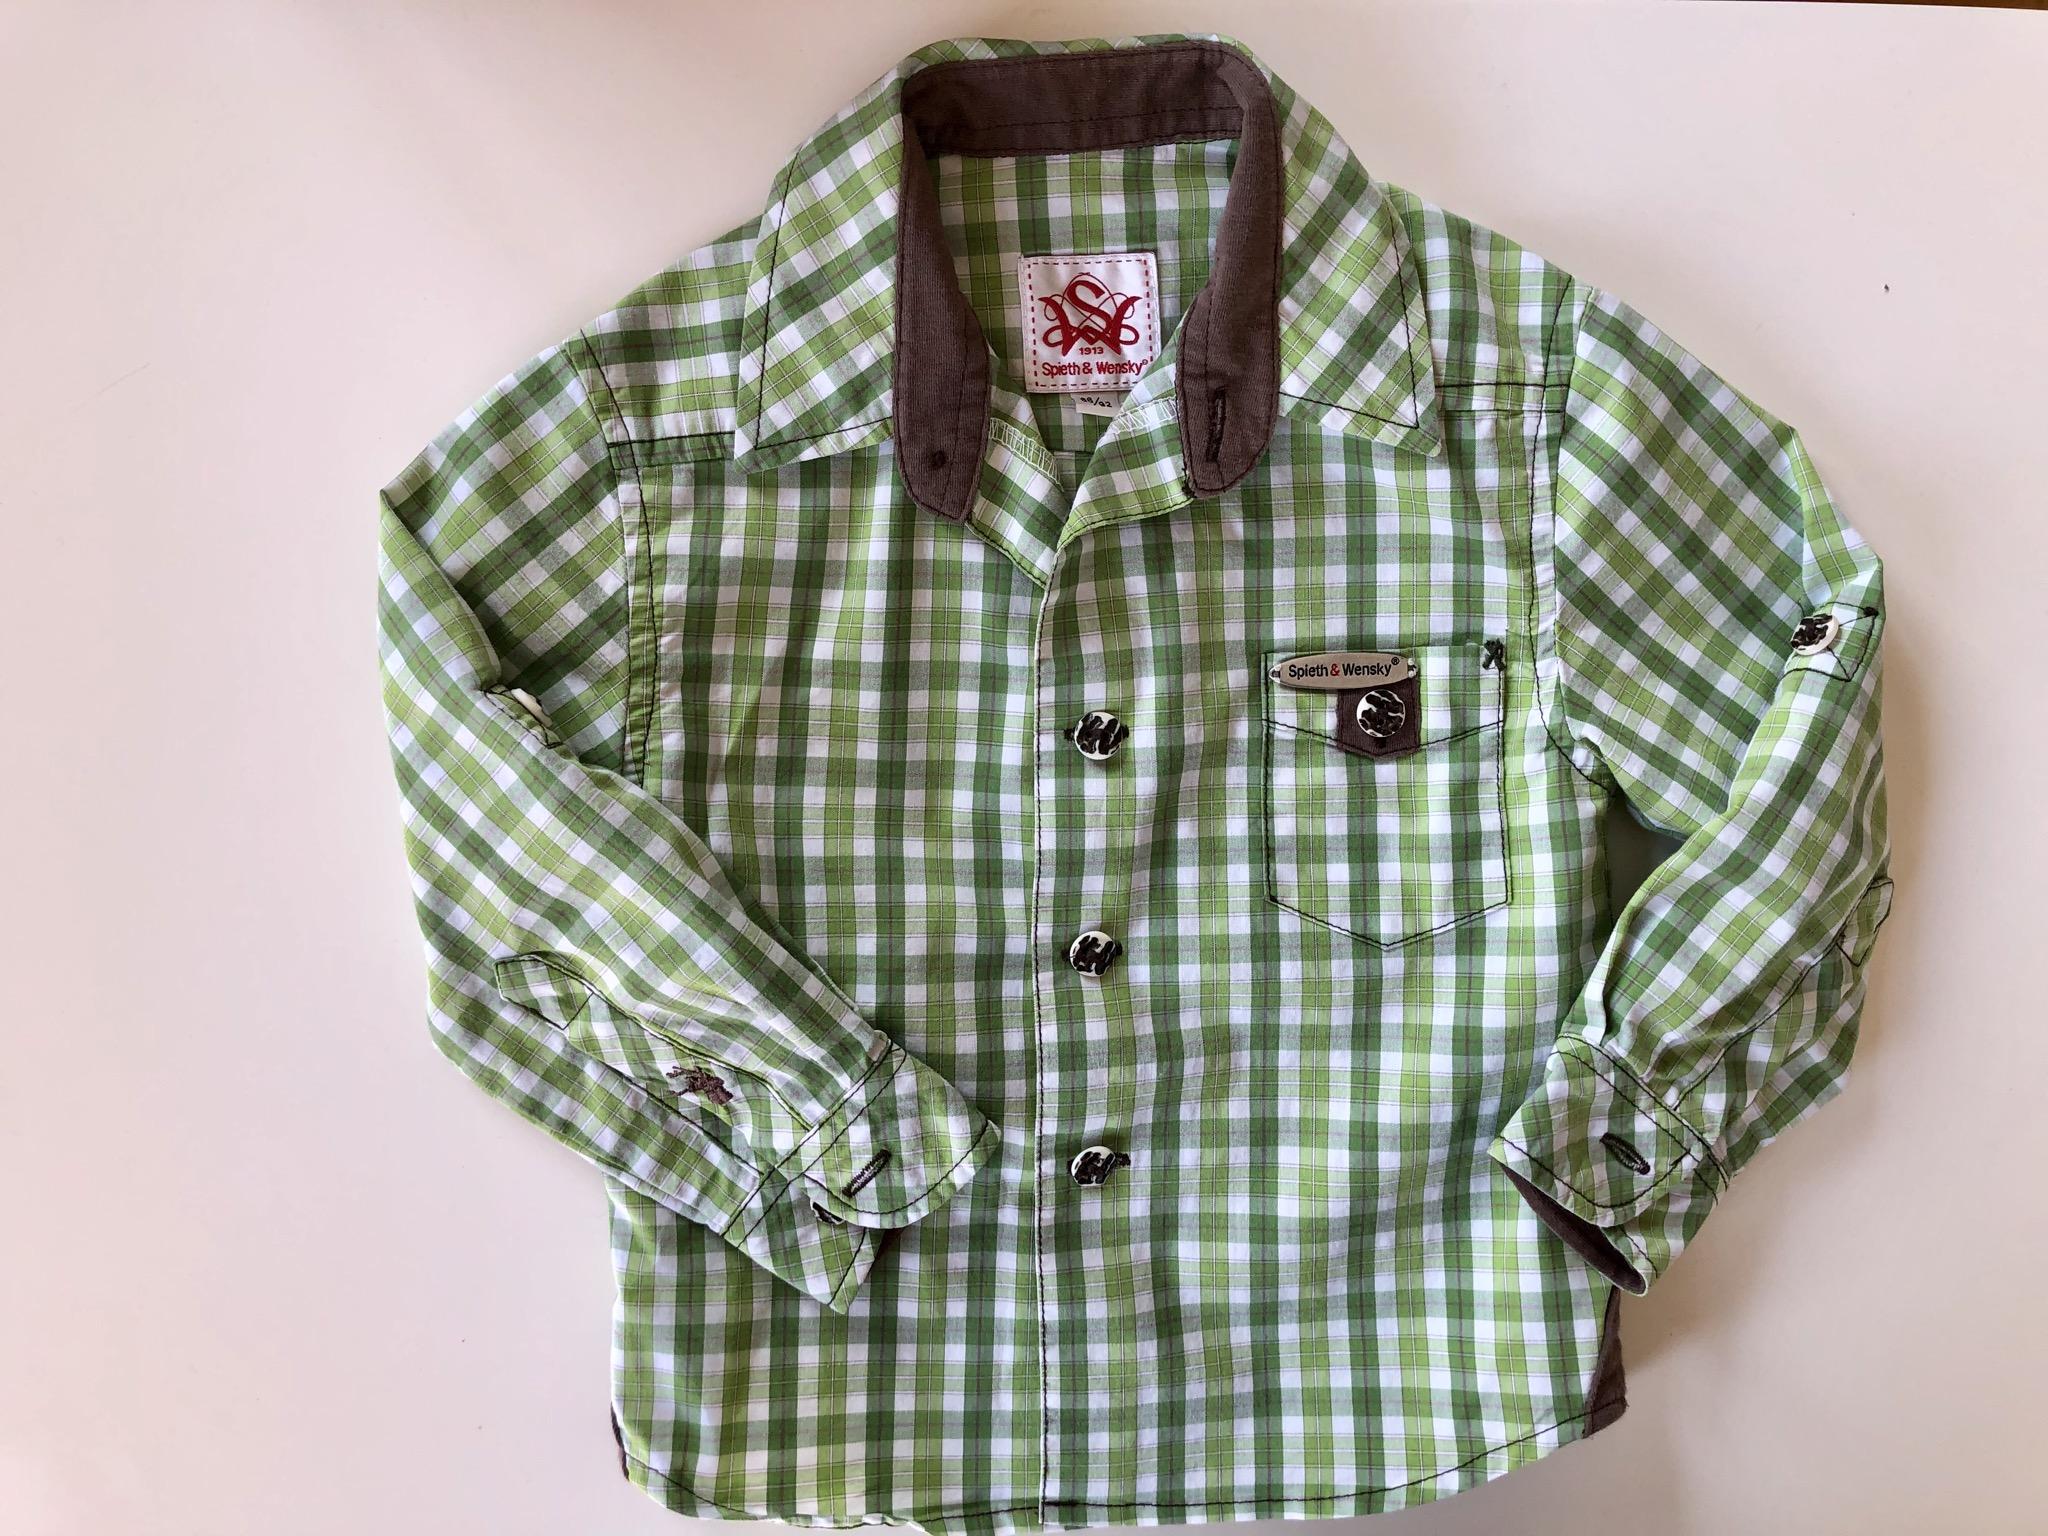 Gr. 74-80 OS Trachten Trachtenhemd grün